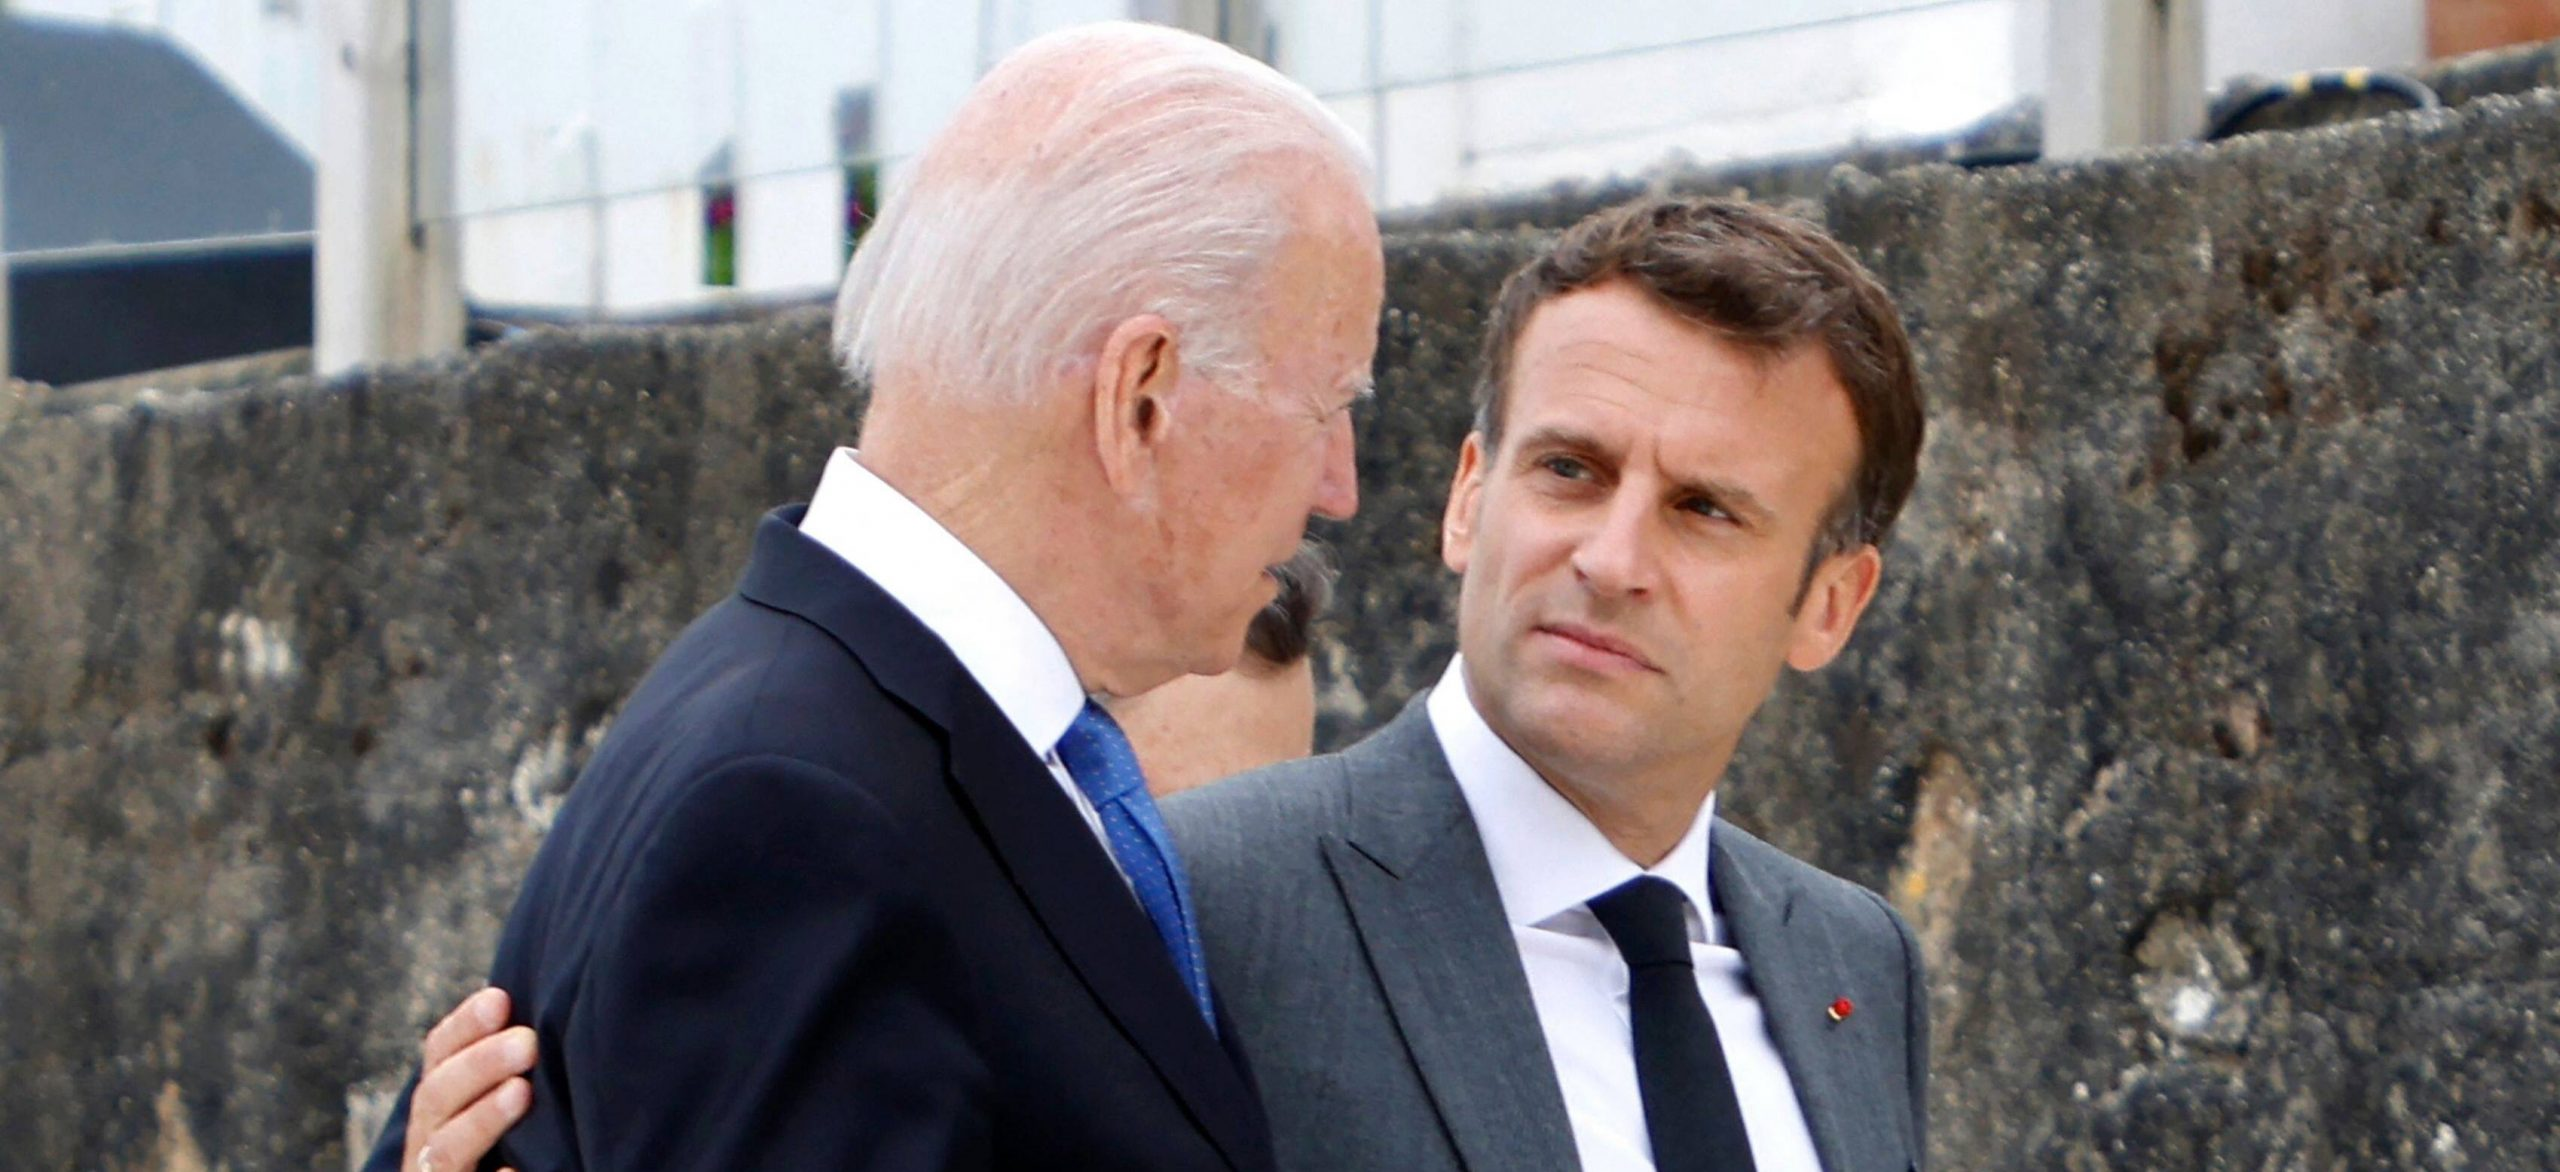 Le président américain Joe Biden et son homologue français Emmanuel Macron, lors du sommet du G7 au Royaume-Uni, le 1é juin à Carbis Bay dans les Cornouailles. (Source : Libre Belgique)